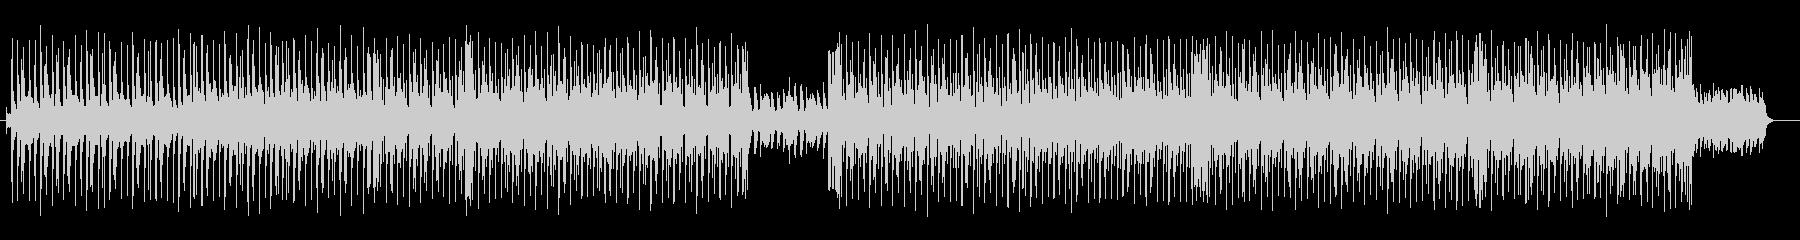 ミドルテンポのロックなダンスチューンの未再生の波形